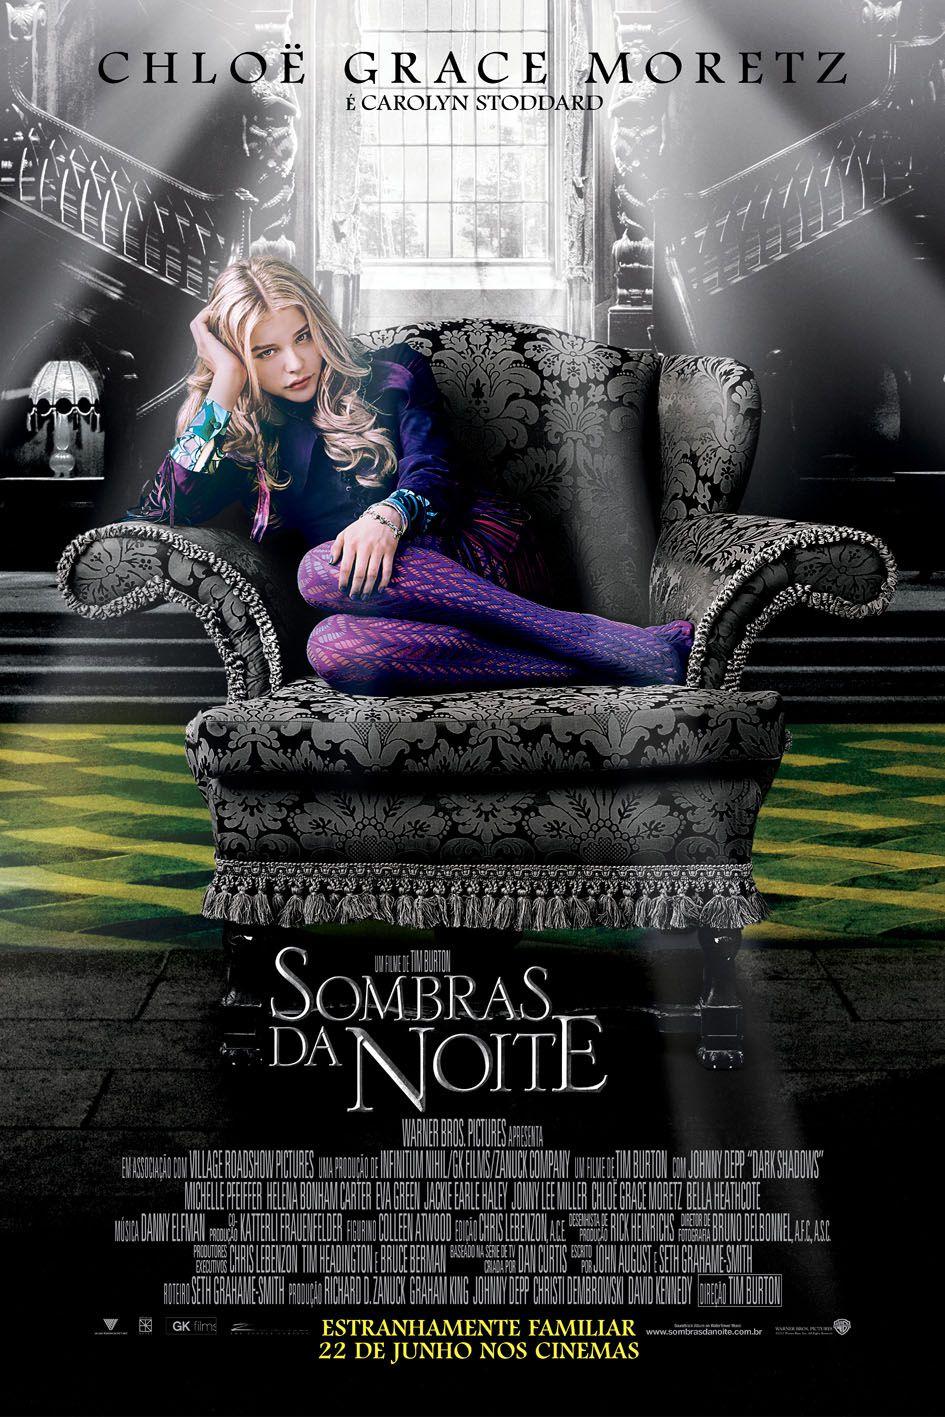 Sombras Da Noite Filme Com Tim Burton E Johnny Depp Ganha Mais Cartazes Brasileiros Filmes De Fantasia Filmes Sombras Da Noite